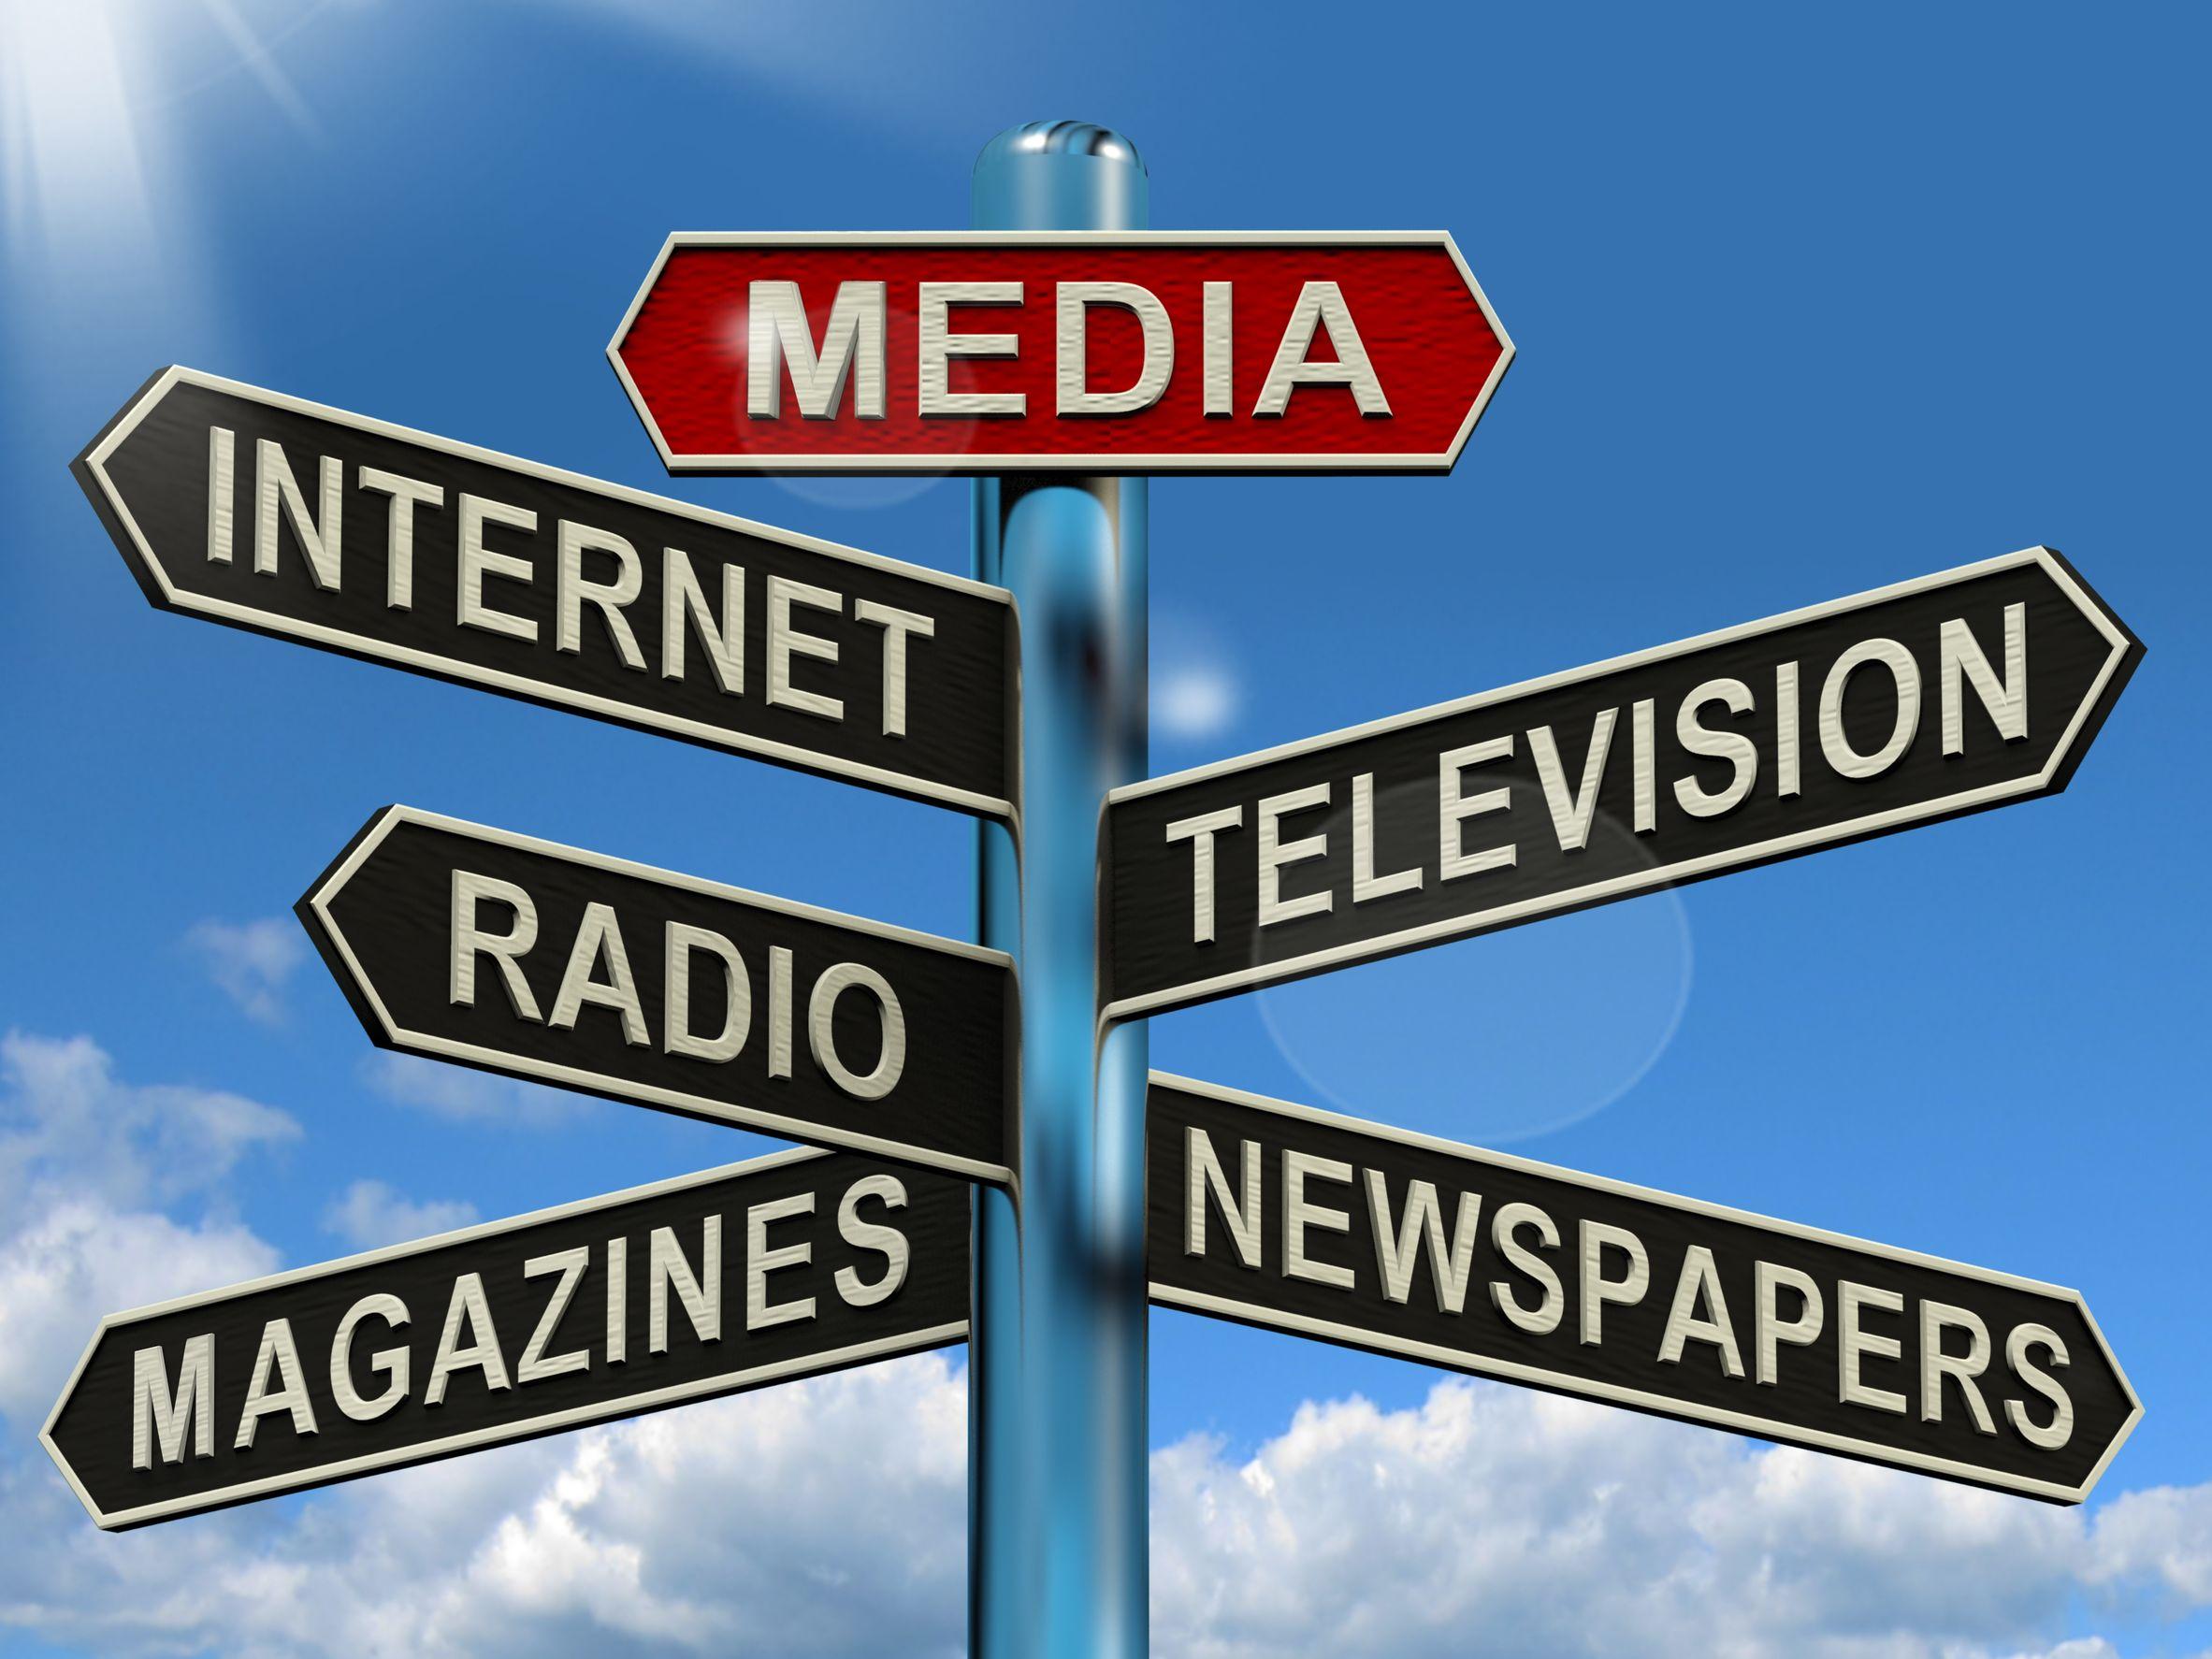 انواع رسانه